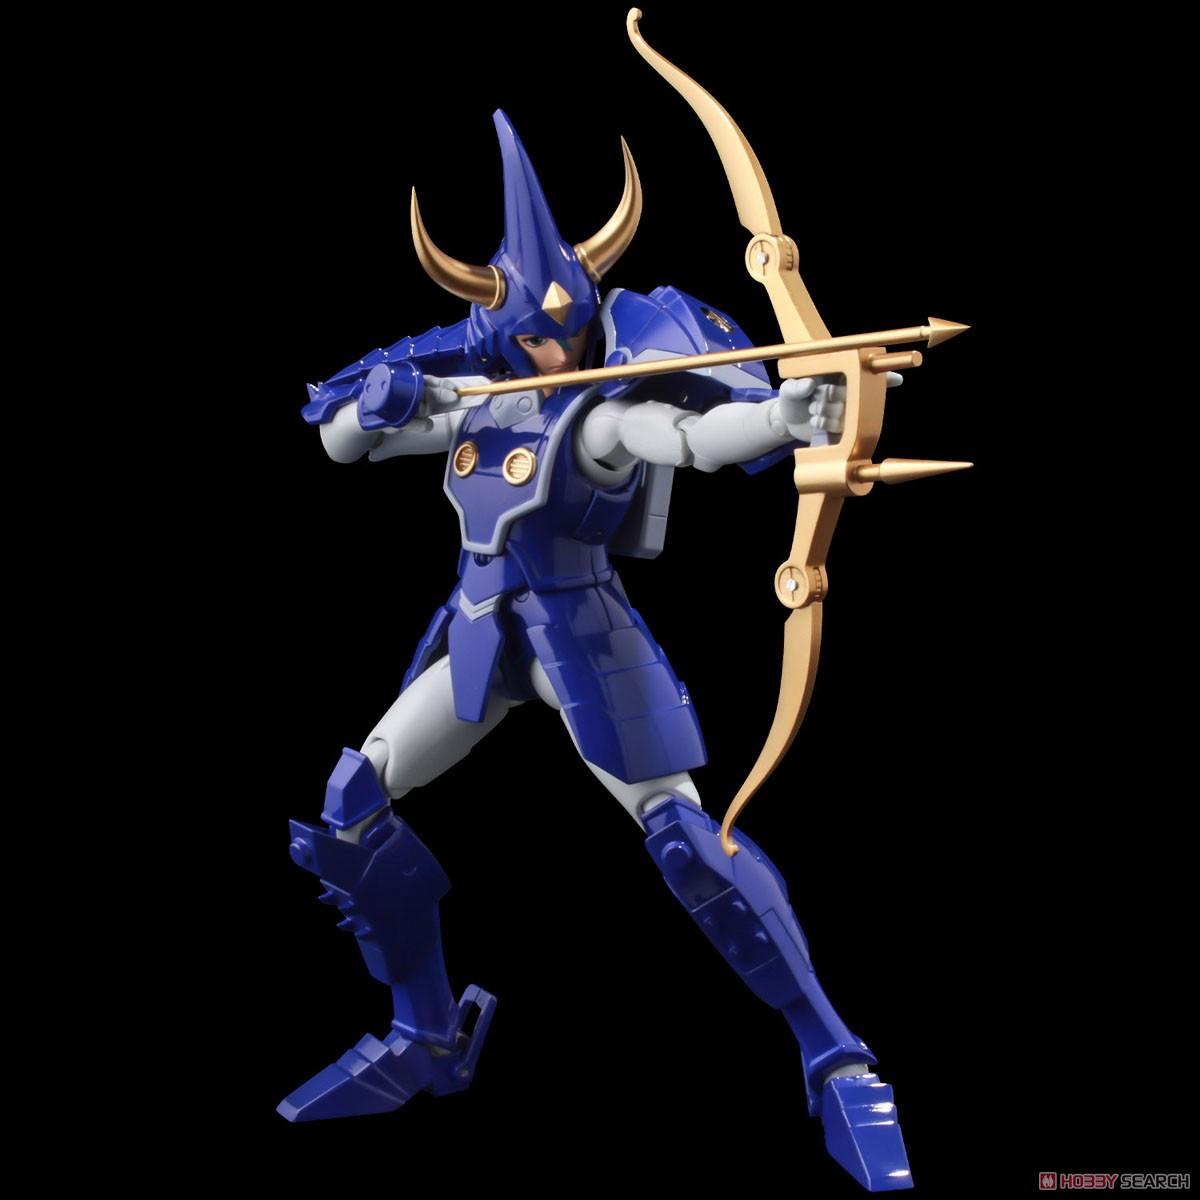 超弾可動『天空のトウマ』鎧伝サムライトルーパー 可動フィギュア-001